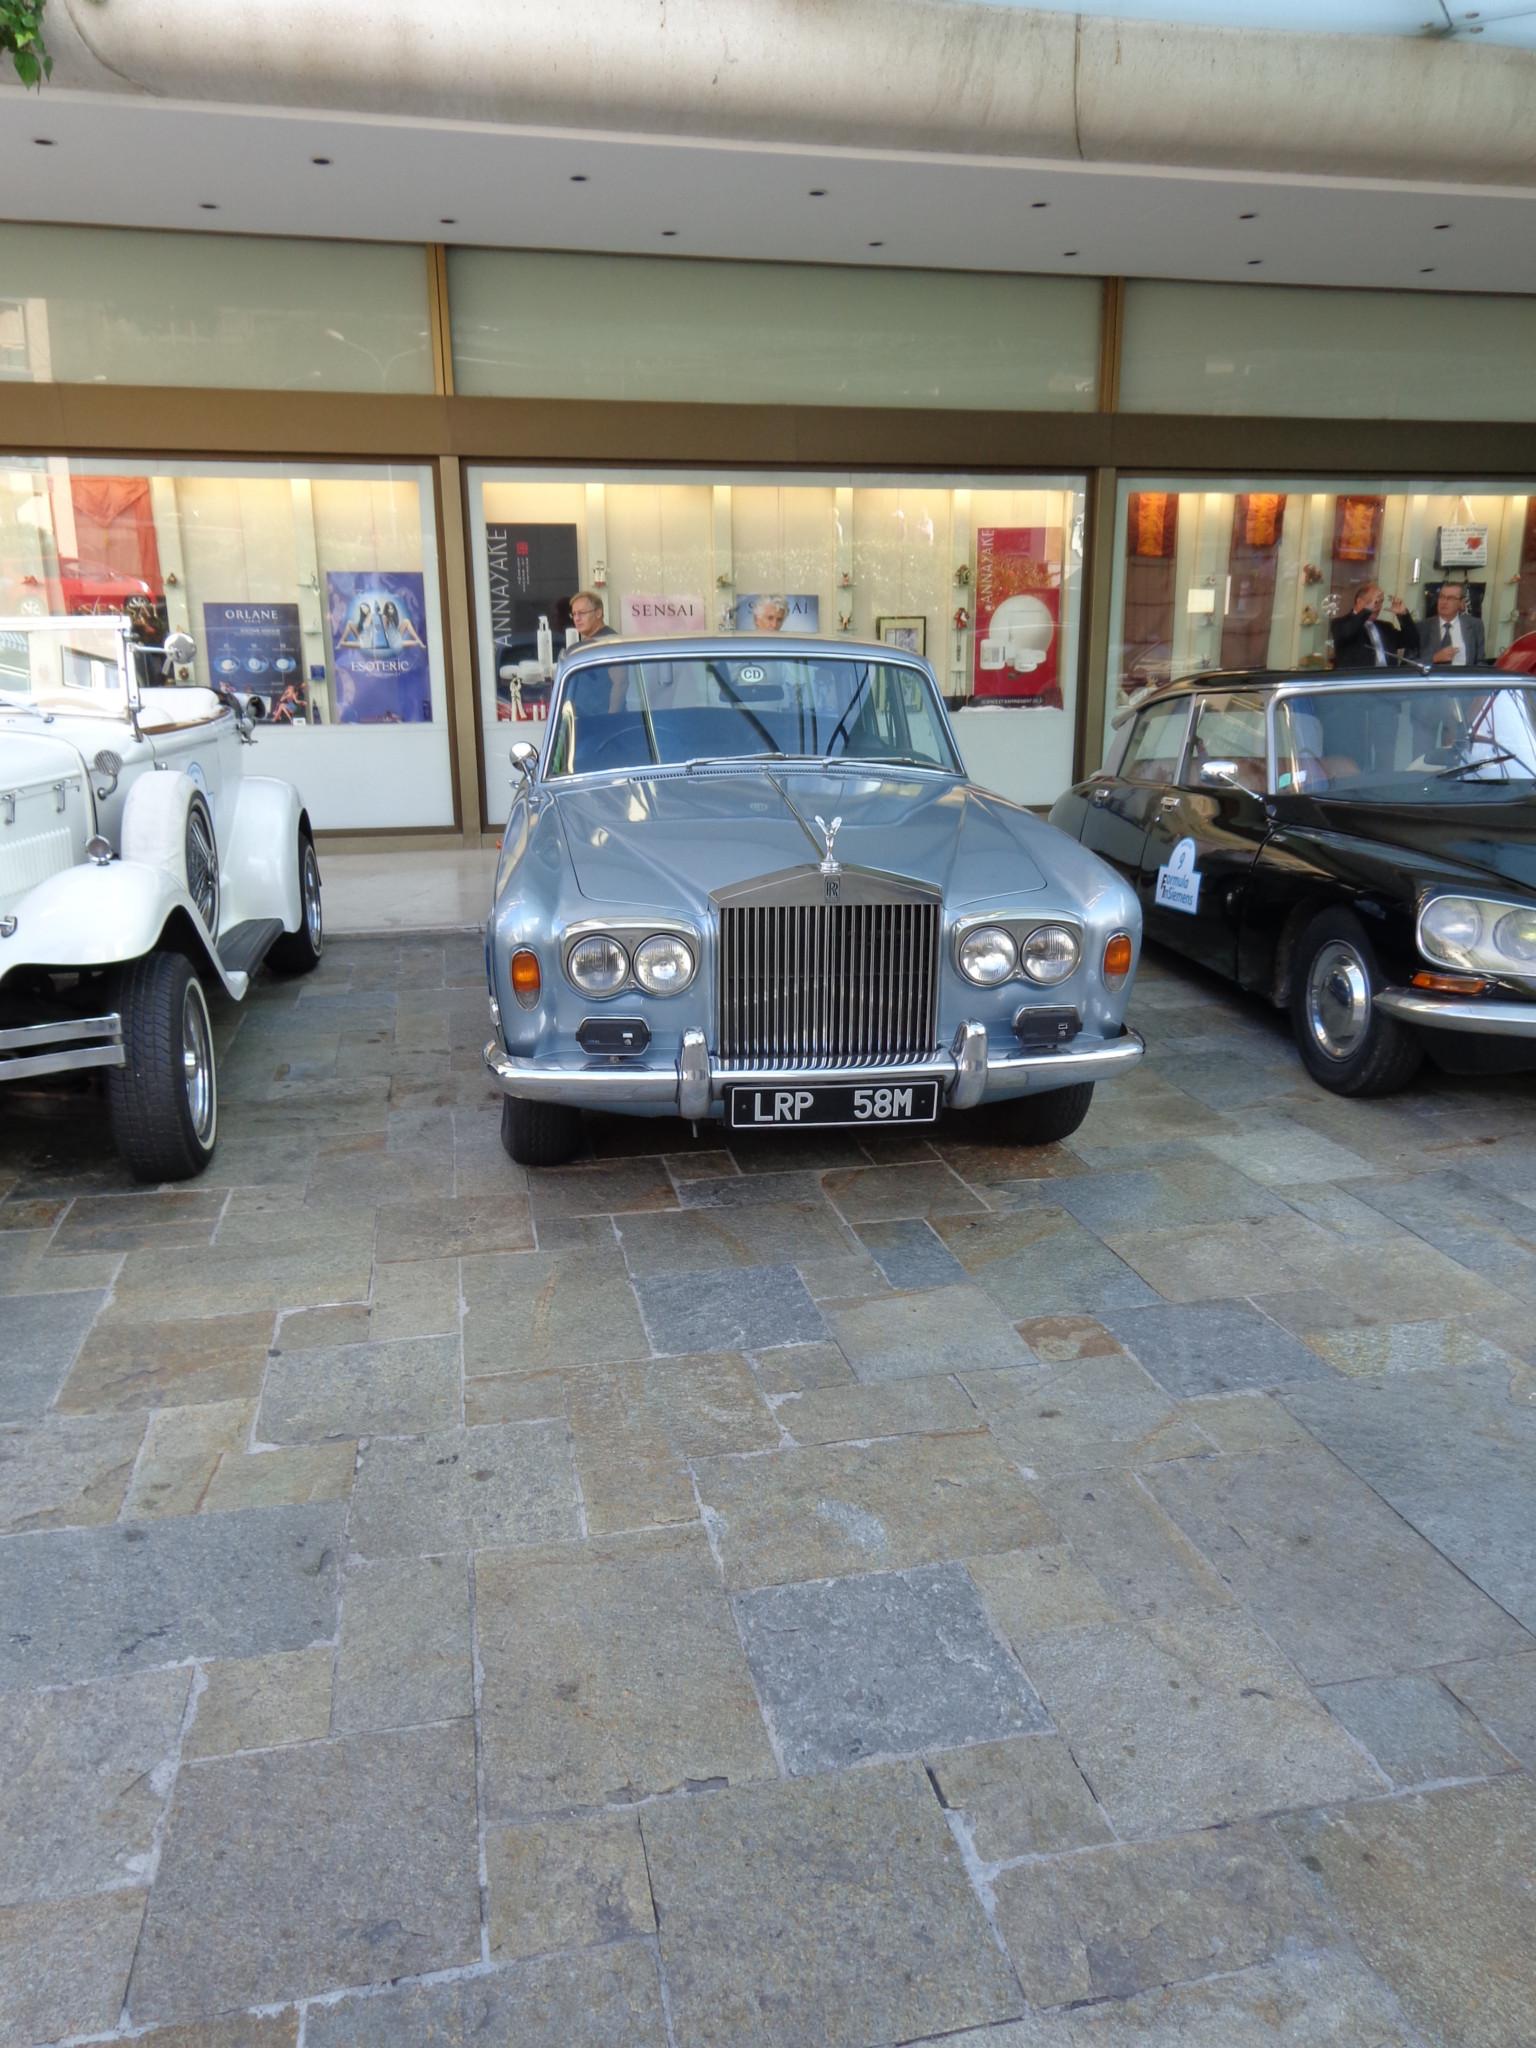 Monaco is full of fancy Cars